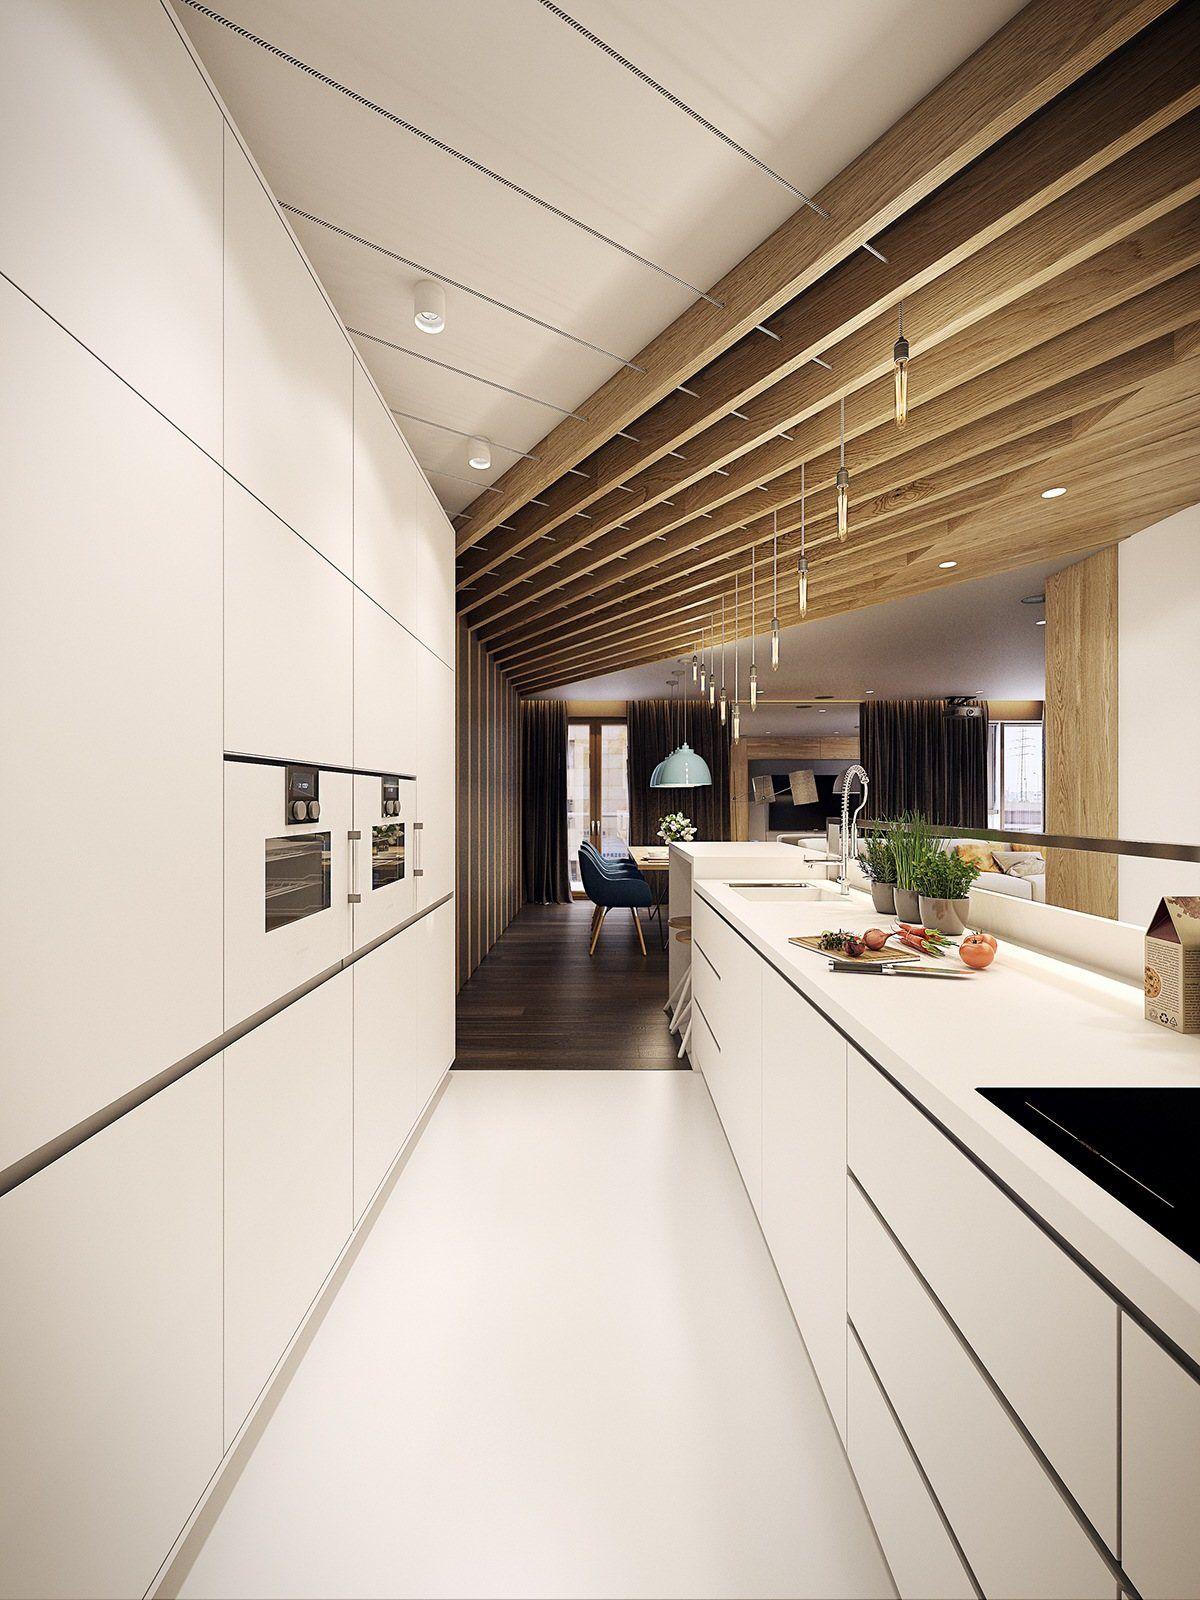 Dramatic Interior Architecture Meets Elegant Decor In Krakow   Sufey Home  Decoru2026